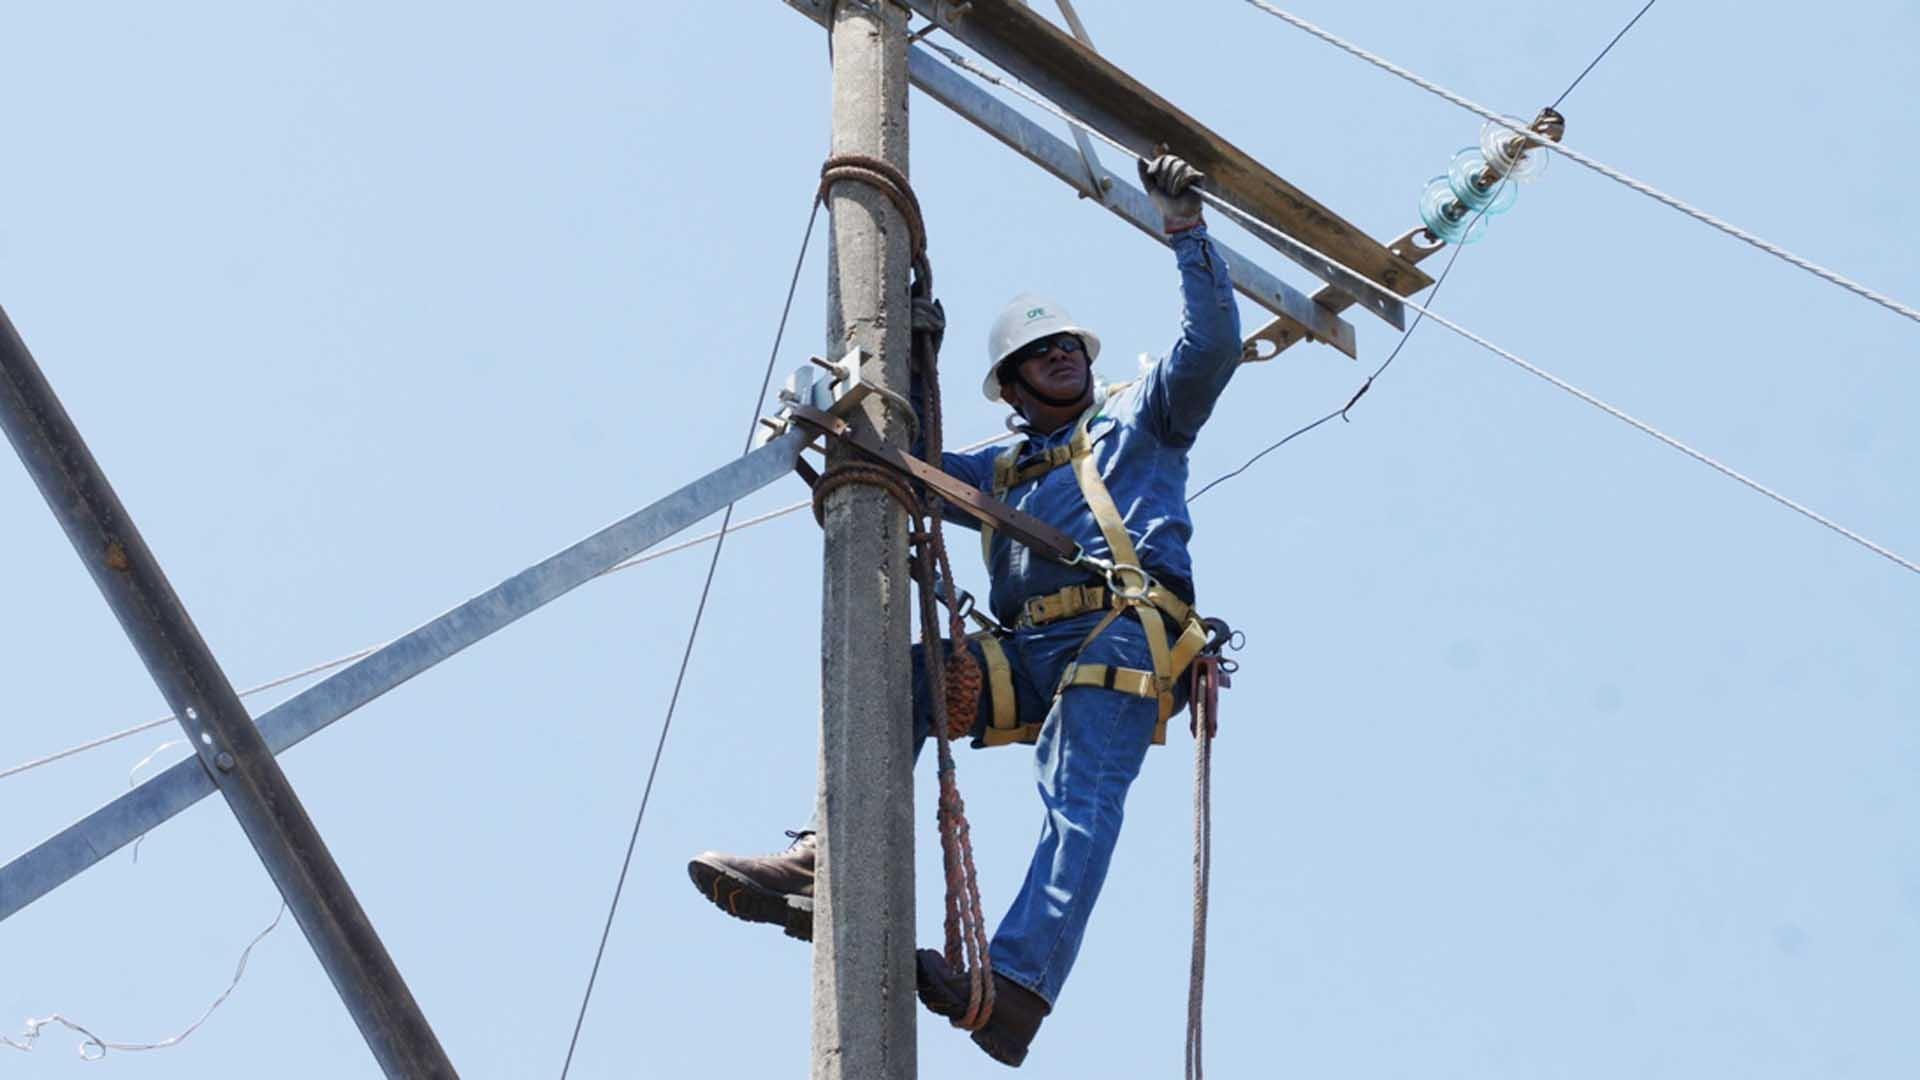 El Congo será beneficiado con servicio de energía eléctrica